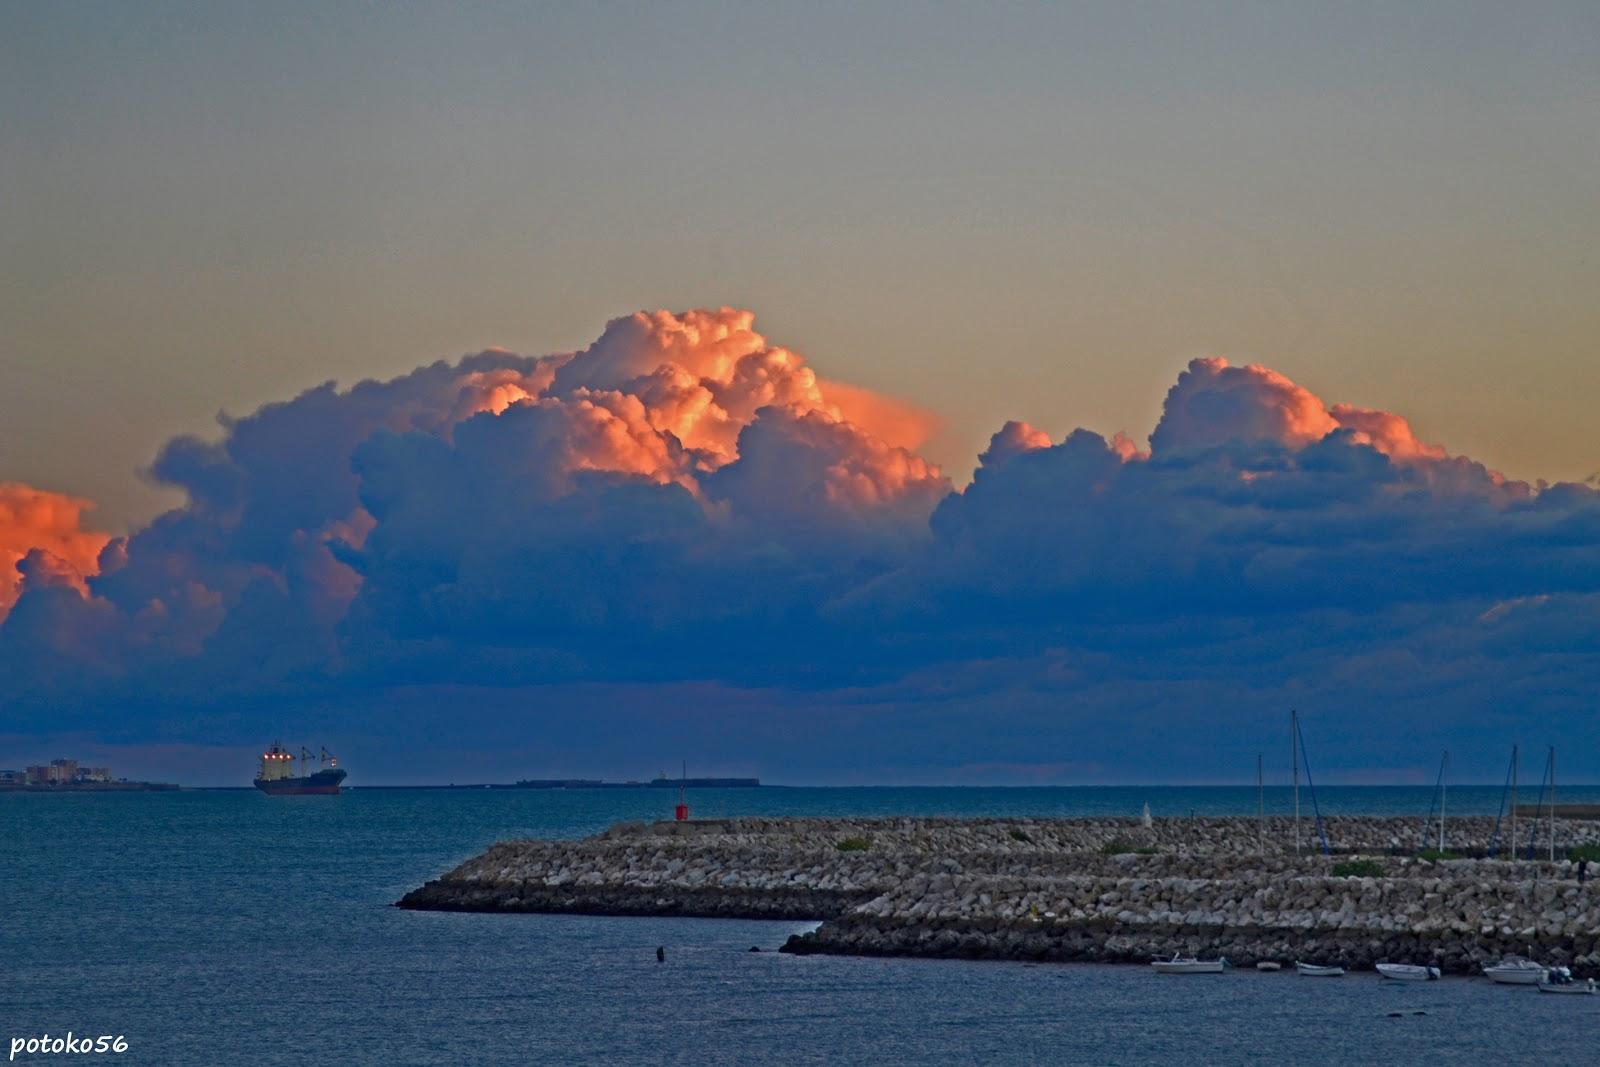 Espigón del Muelle de Rota, Fotografía del muelle roteño, Barco, imágen